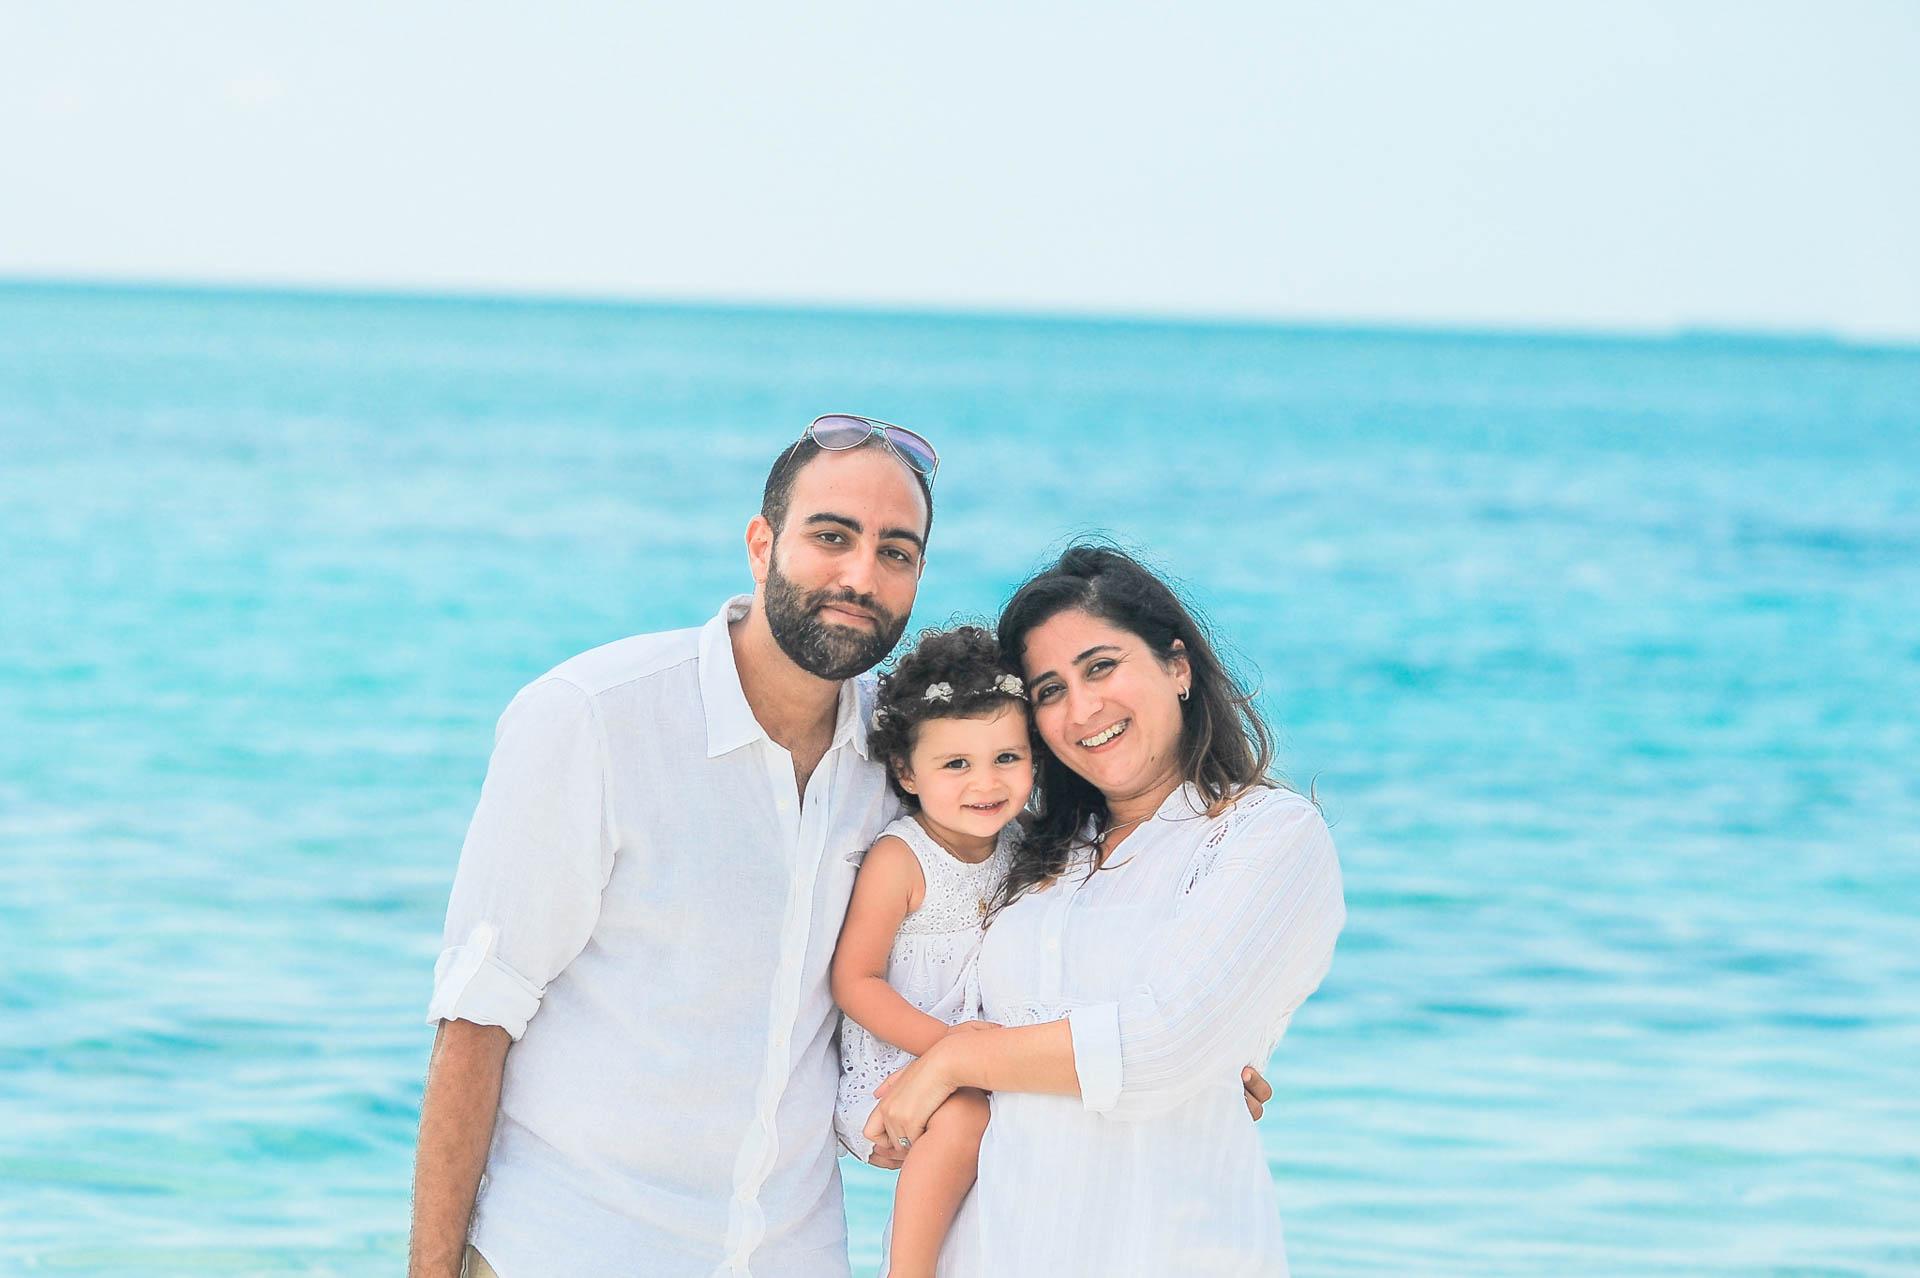 Talal Kenza and Soniya Family Session at Canareef Maldives 18